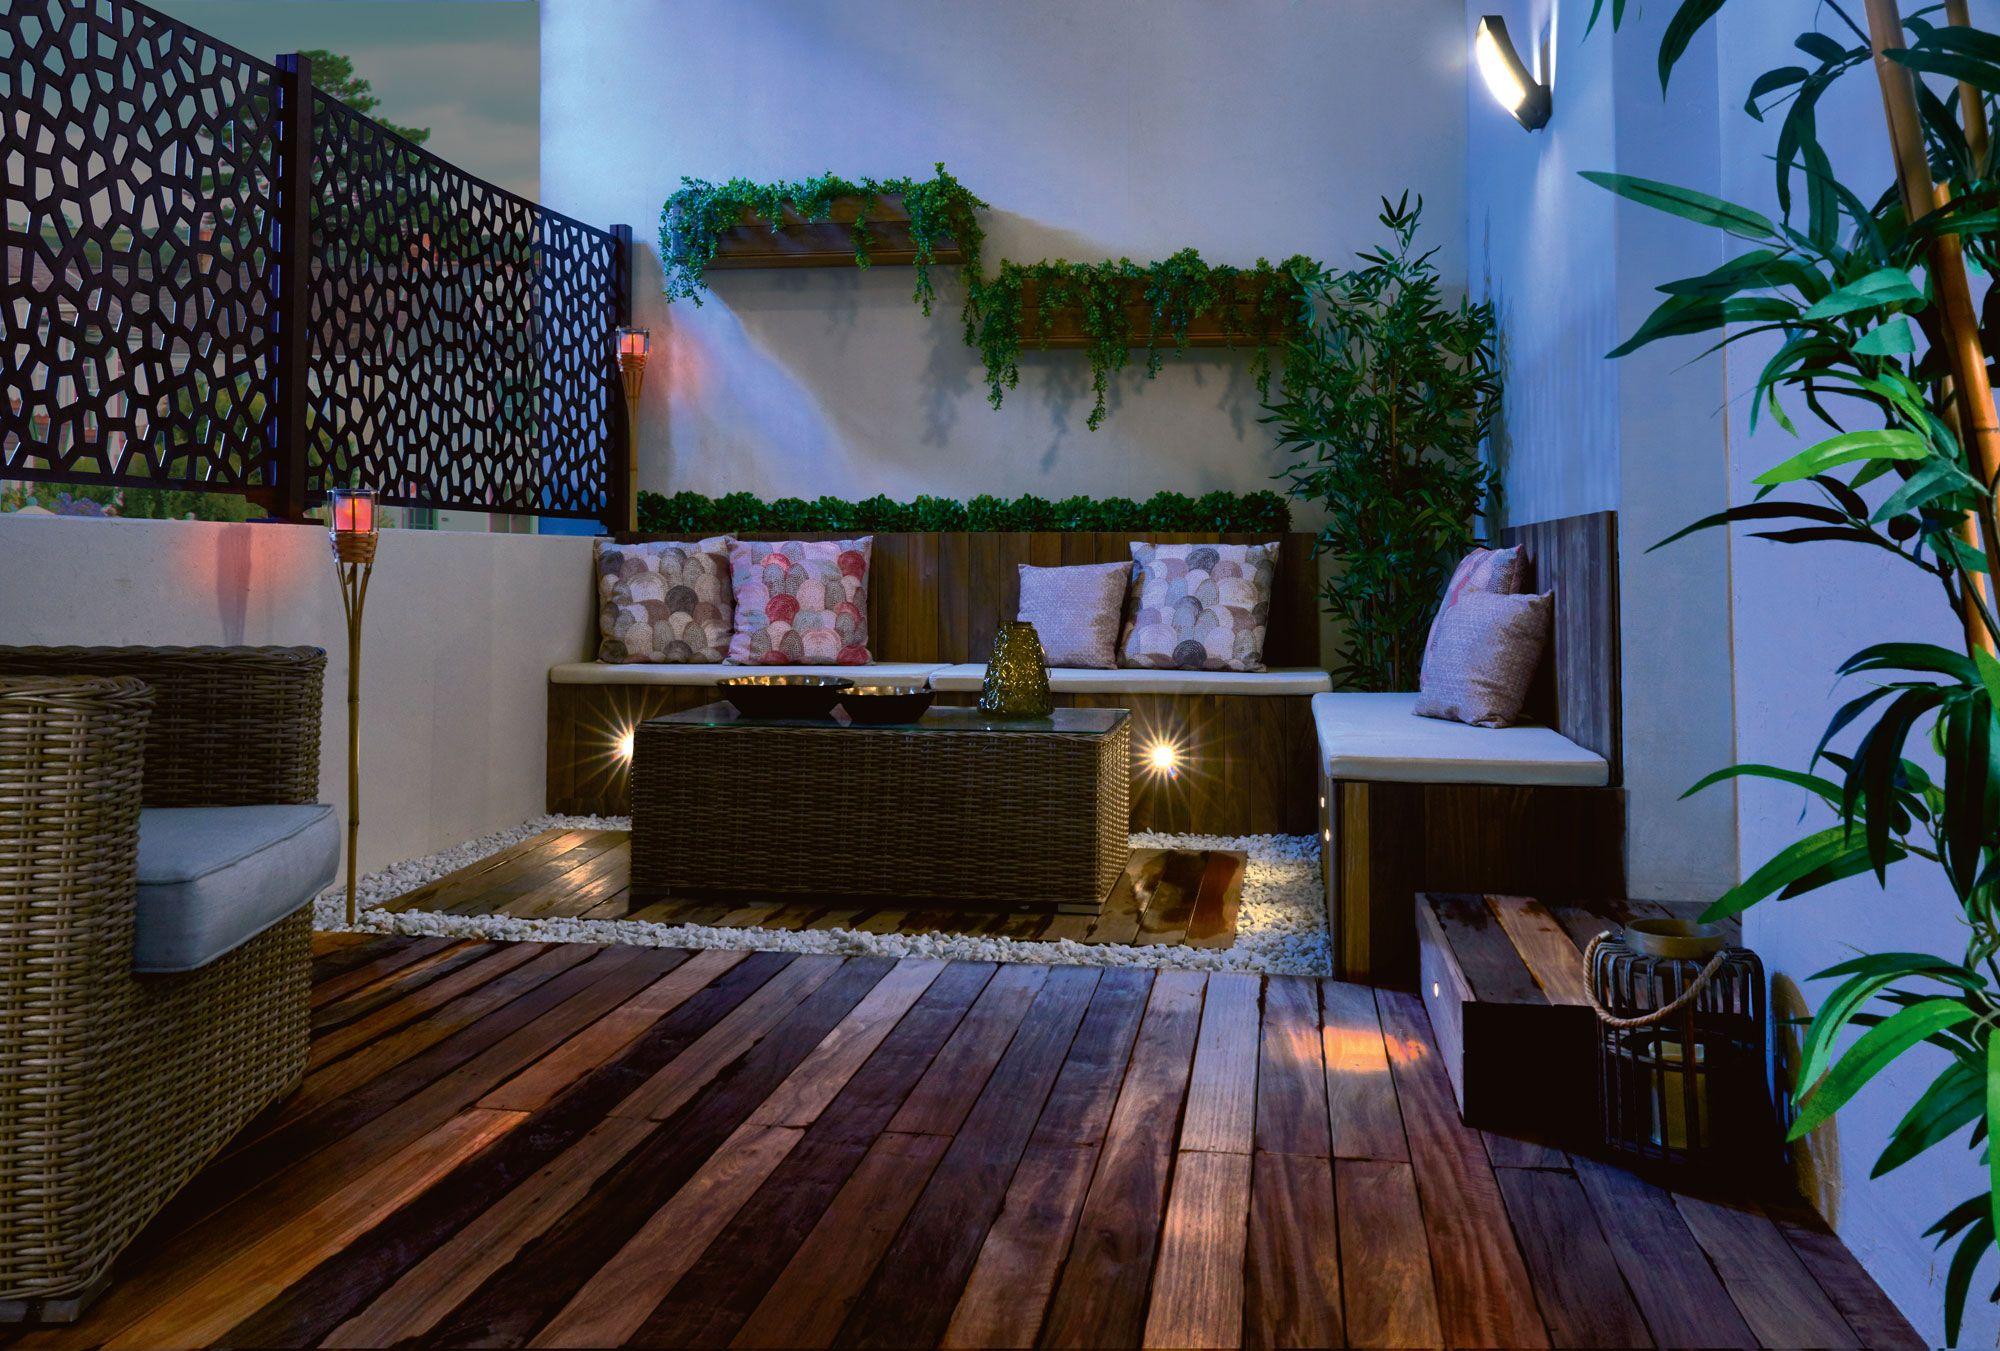 Des idées pour décorer une terrasse urbaine